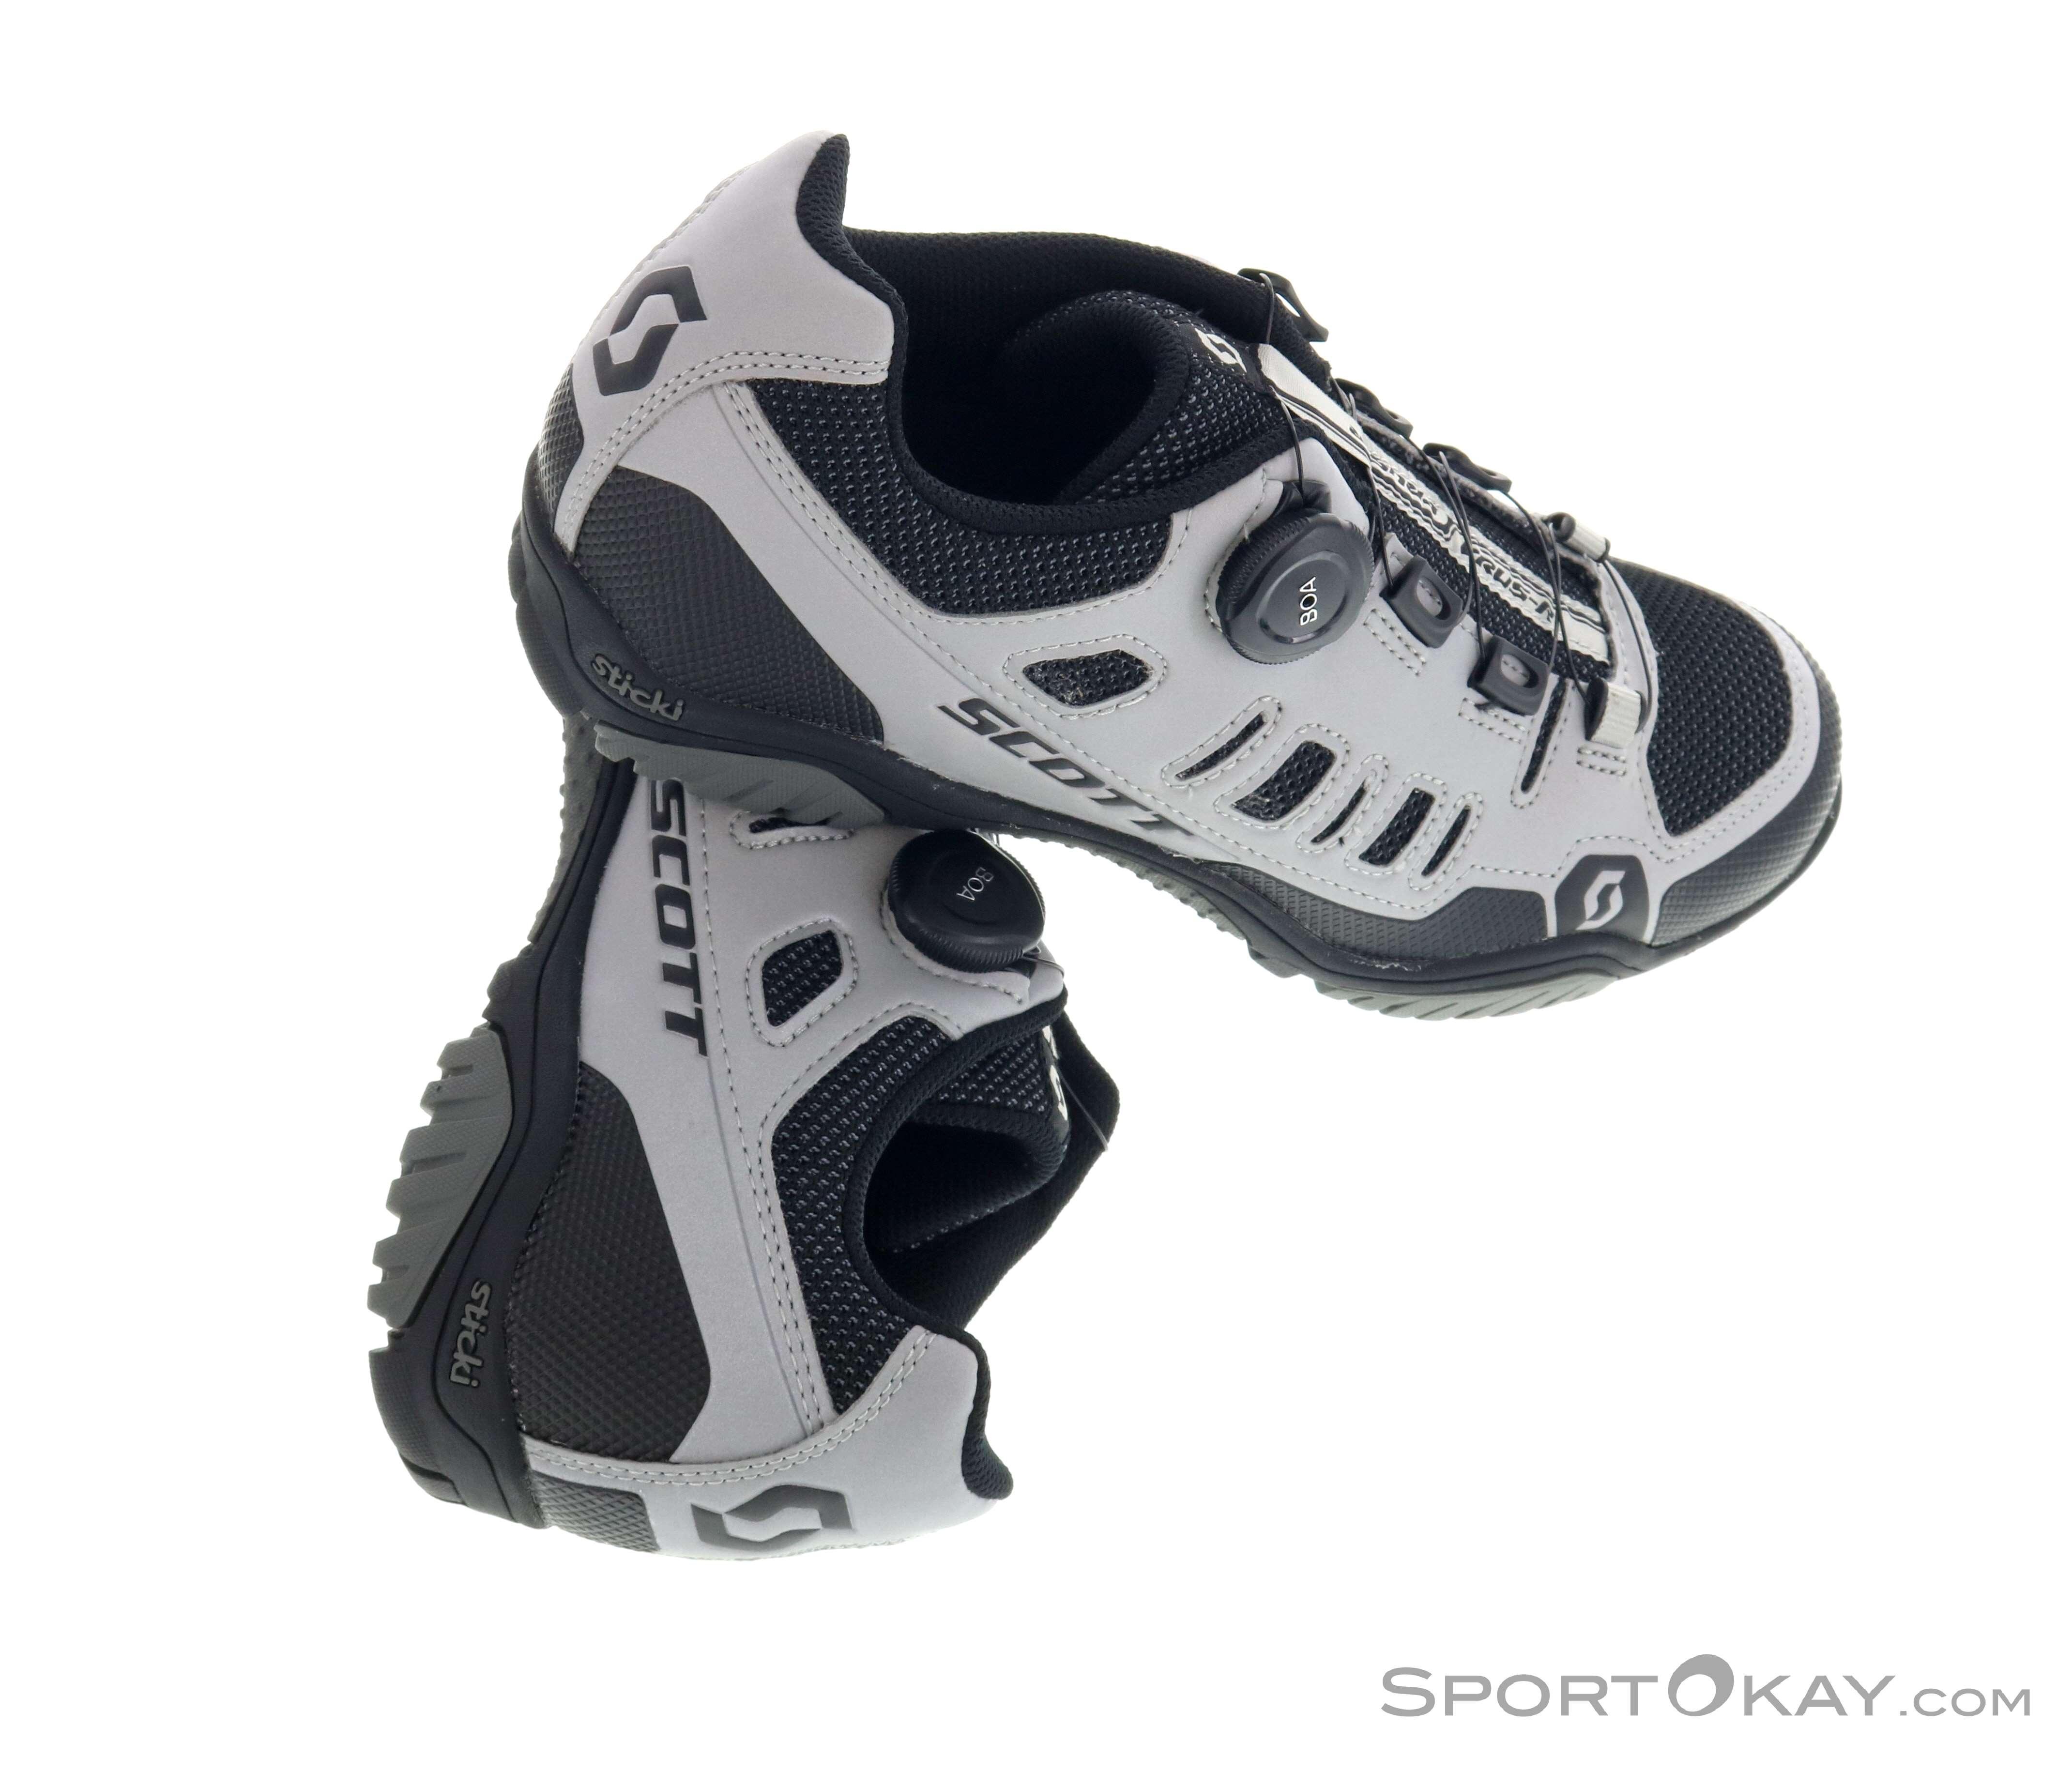 Scott Scott Sport Crus R Boa Reflective Mens Biking Shoes